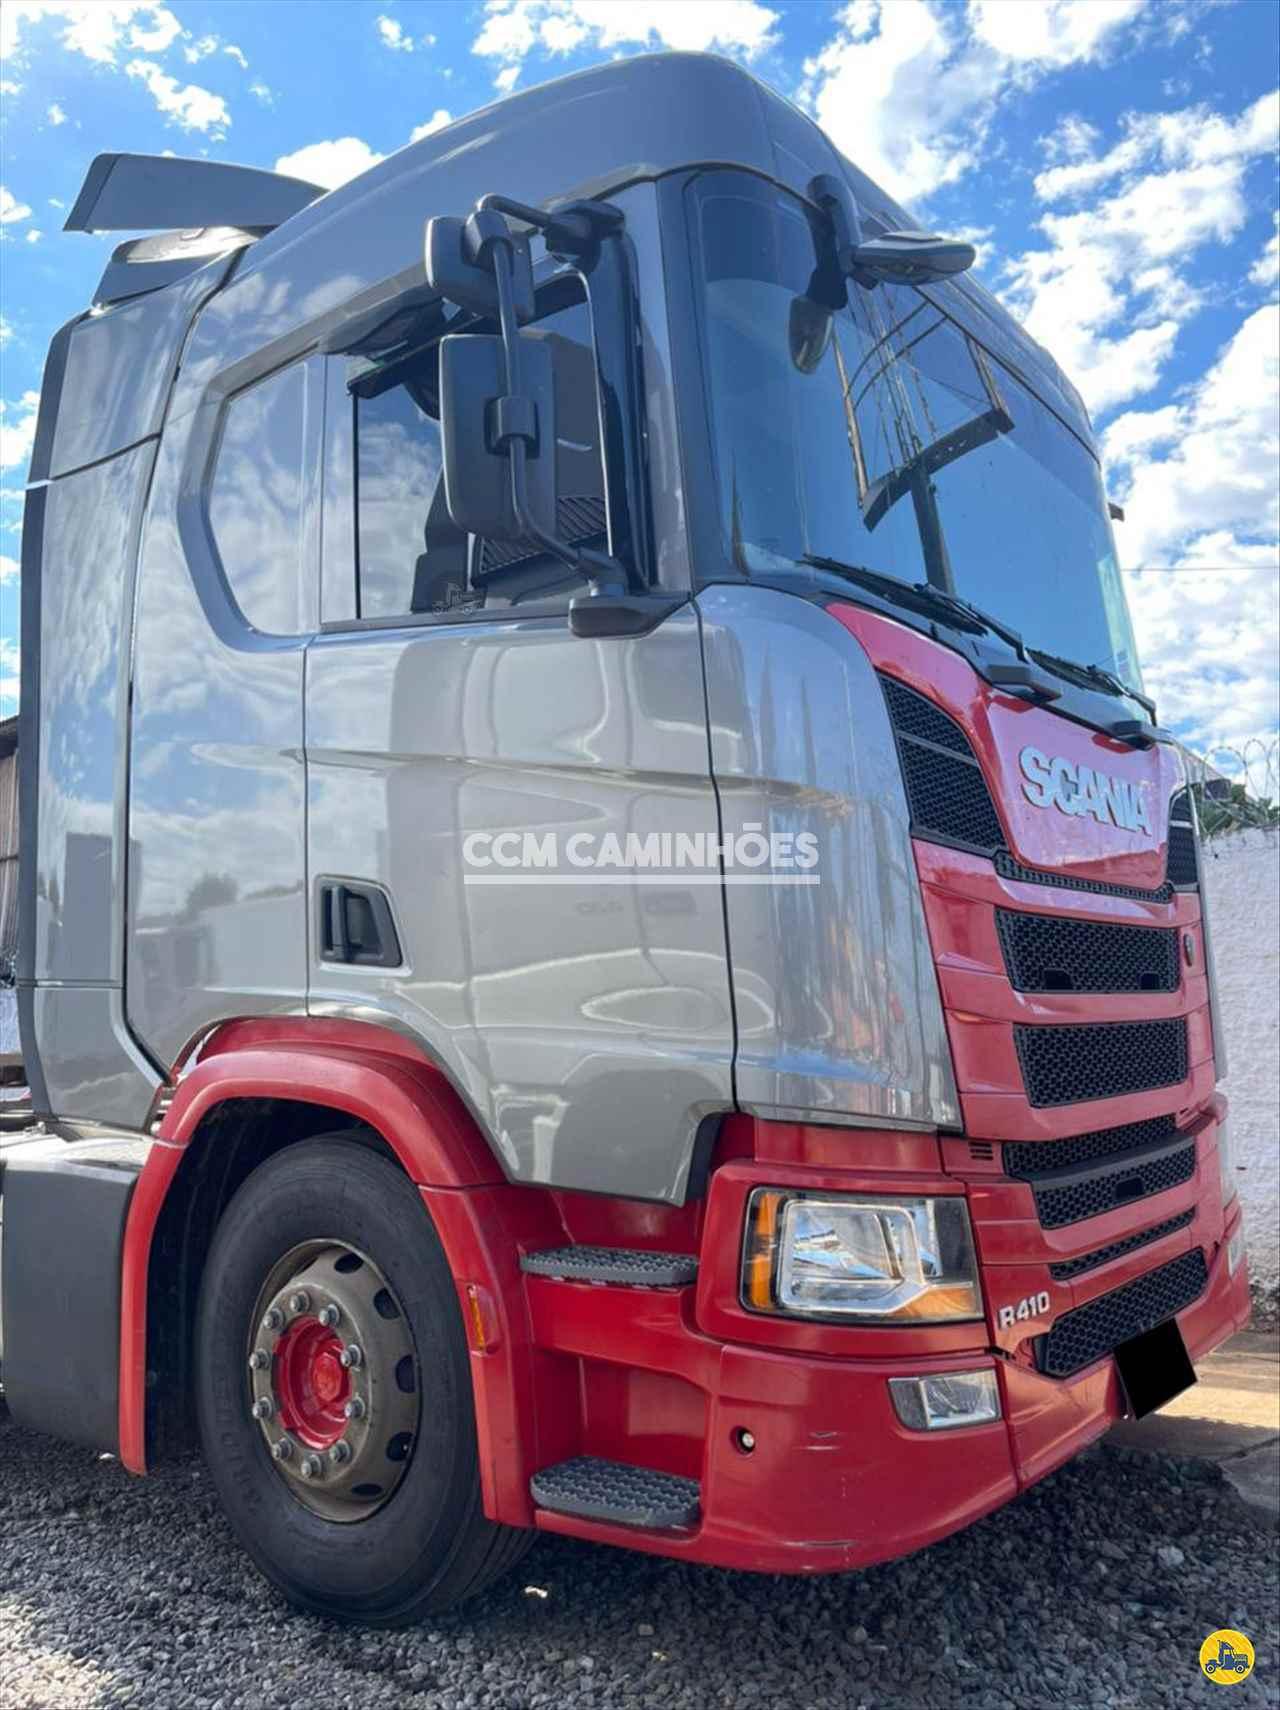 CAMINHAO SCANIA SCANIA 410 Cavalo Mecânico Truck 6x2 CCM Caminhões GOIANIA GOIAS GO